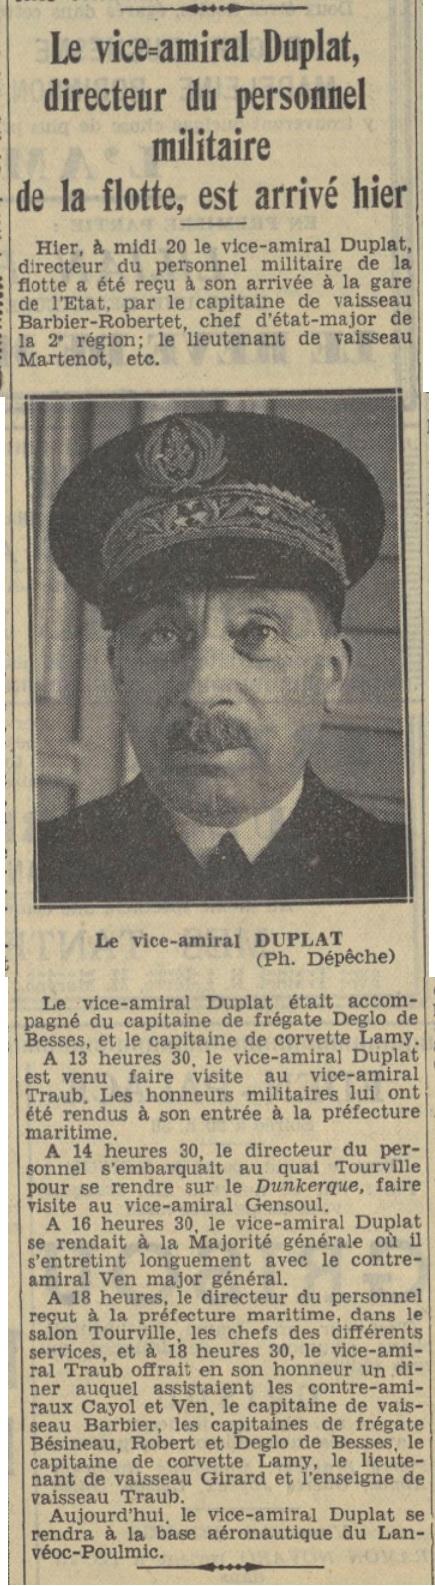 Les Amiraux 02/09/39 au 25/06/40 - Page 2 19381118